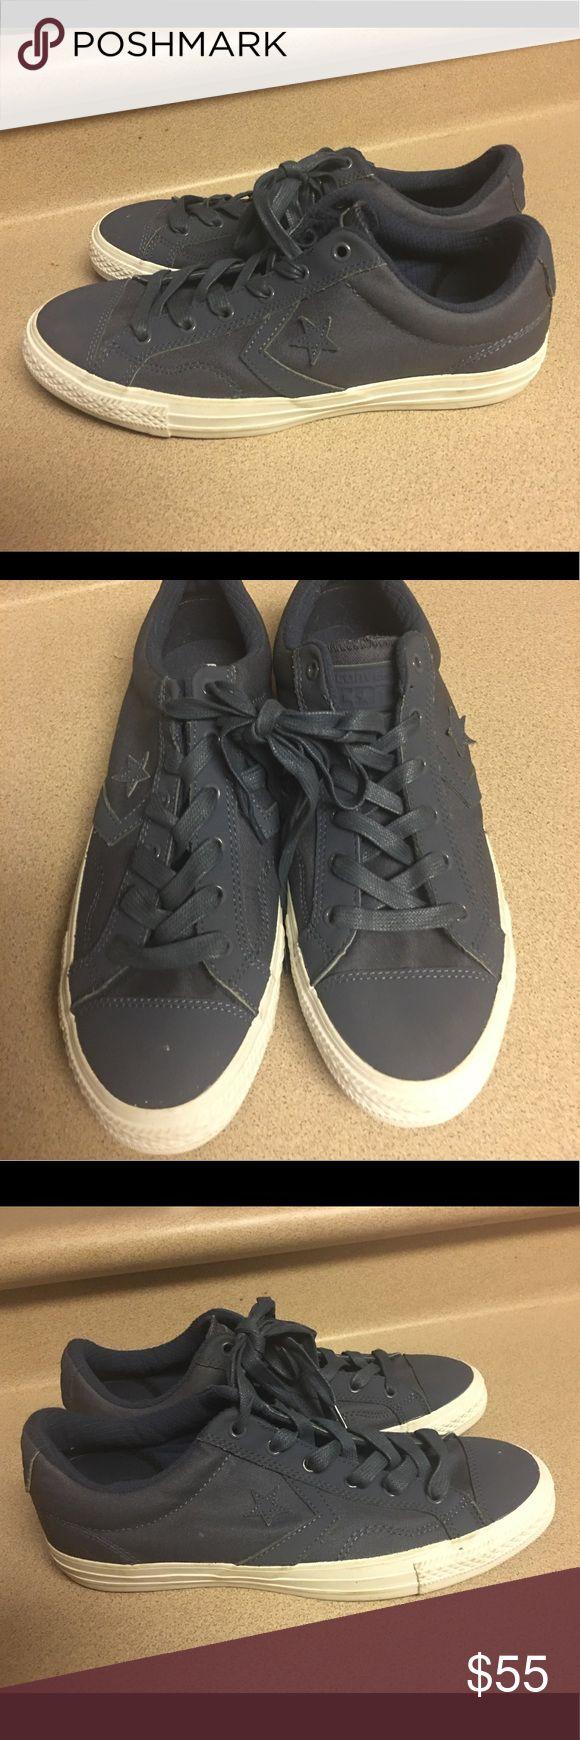 Converse Star Player Ox-Moonlight Men 9 Women 11 New Converse Star Player Ox-Moonlight-Unisex Sneakers-Size Men 9 / Women 11 Converse Shoes Sneakers